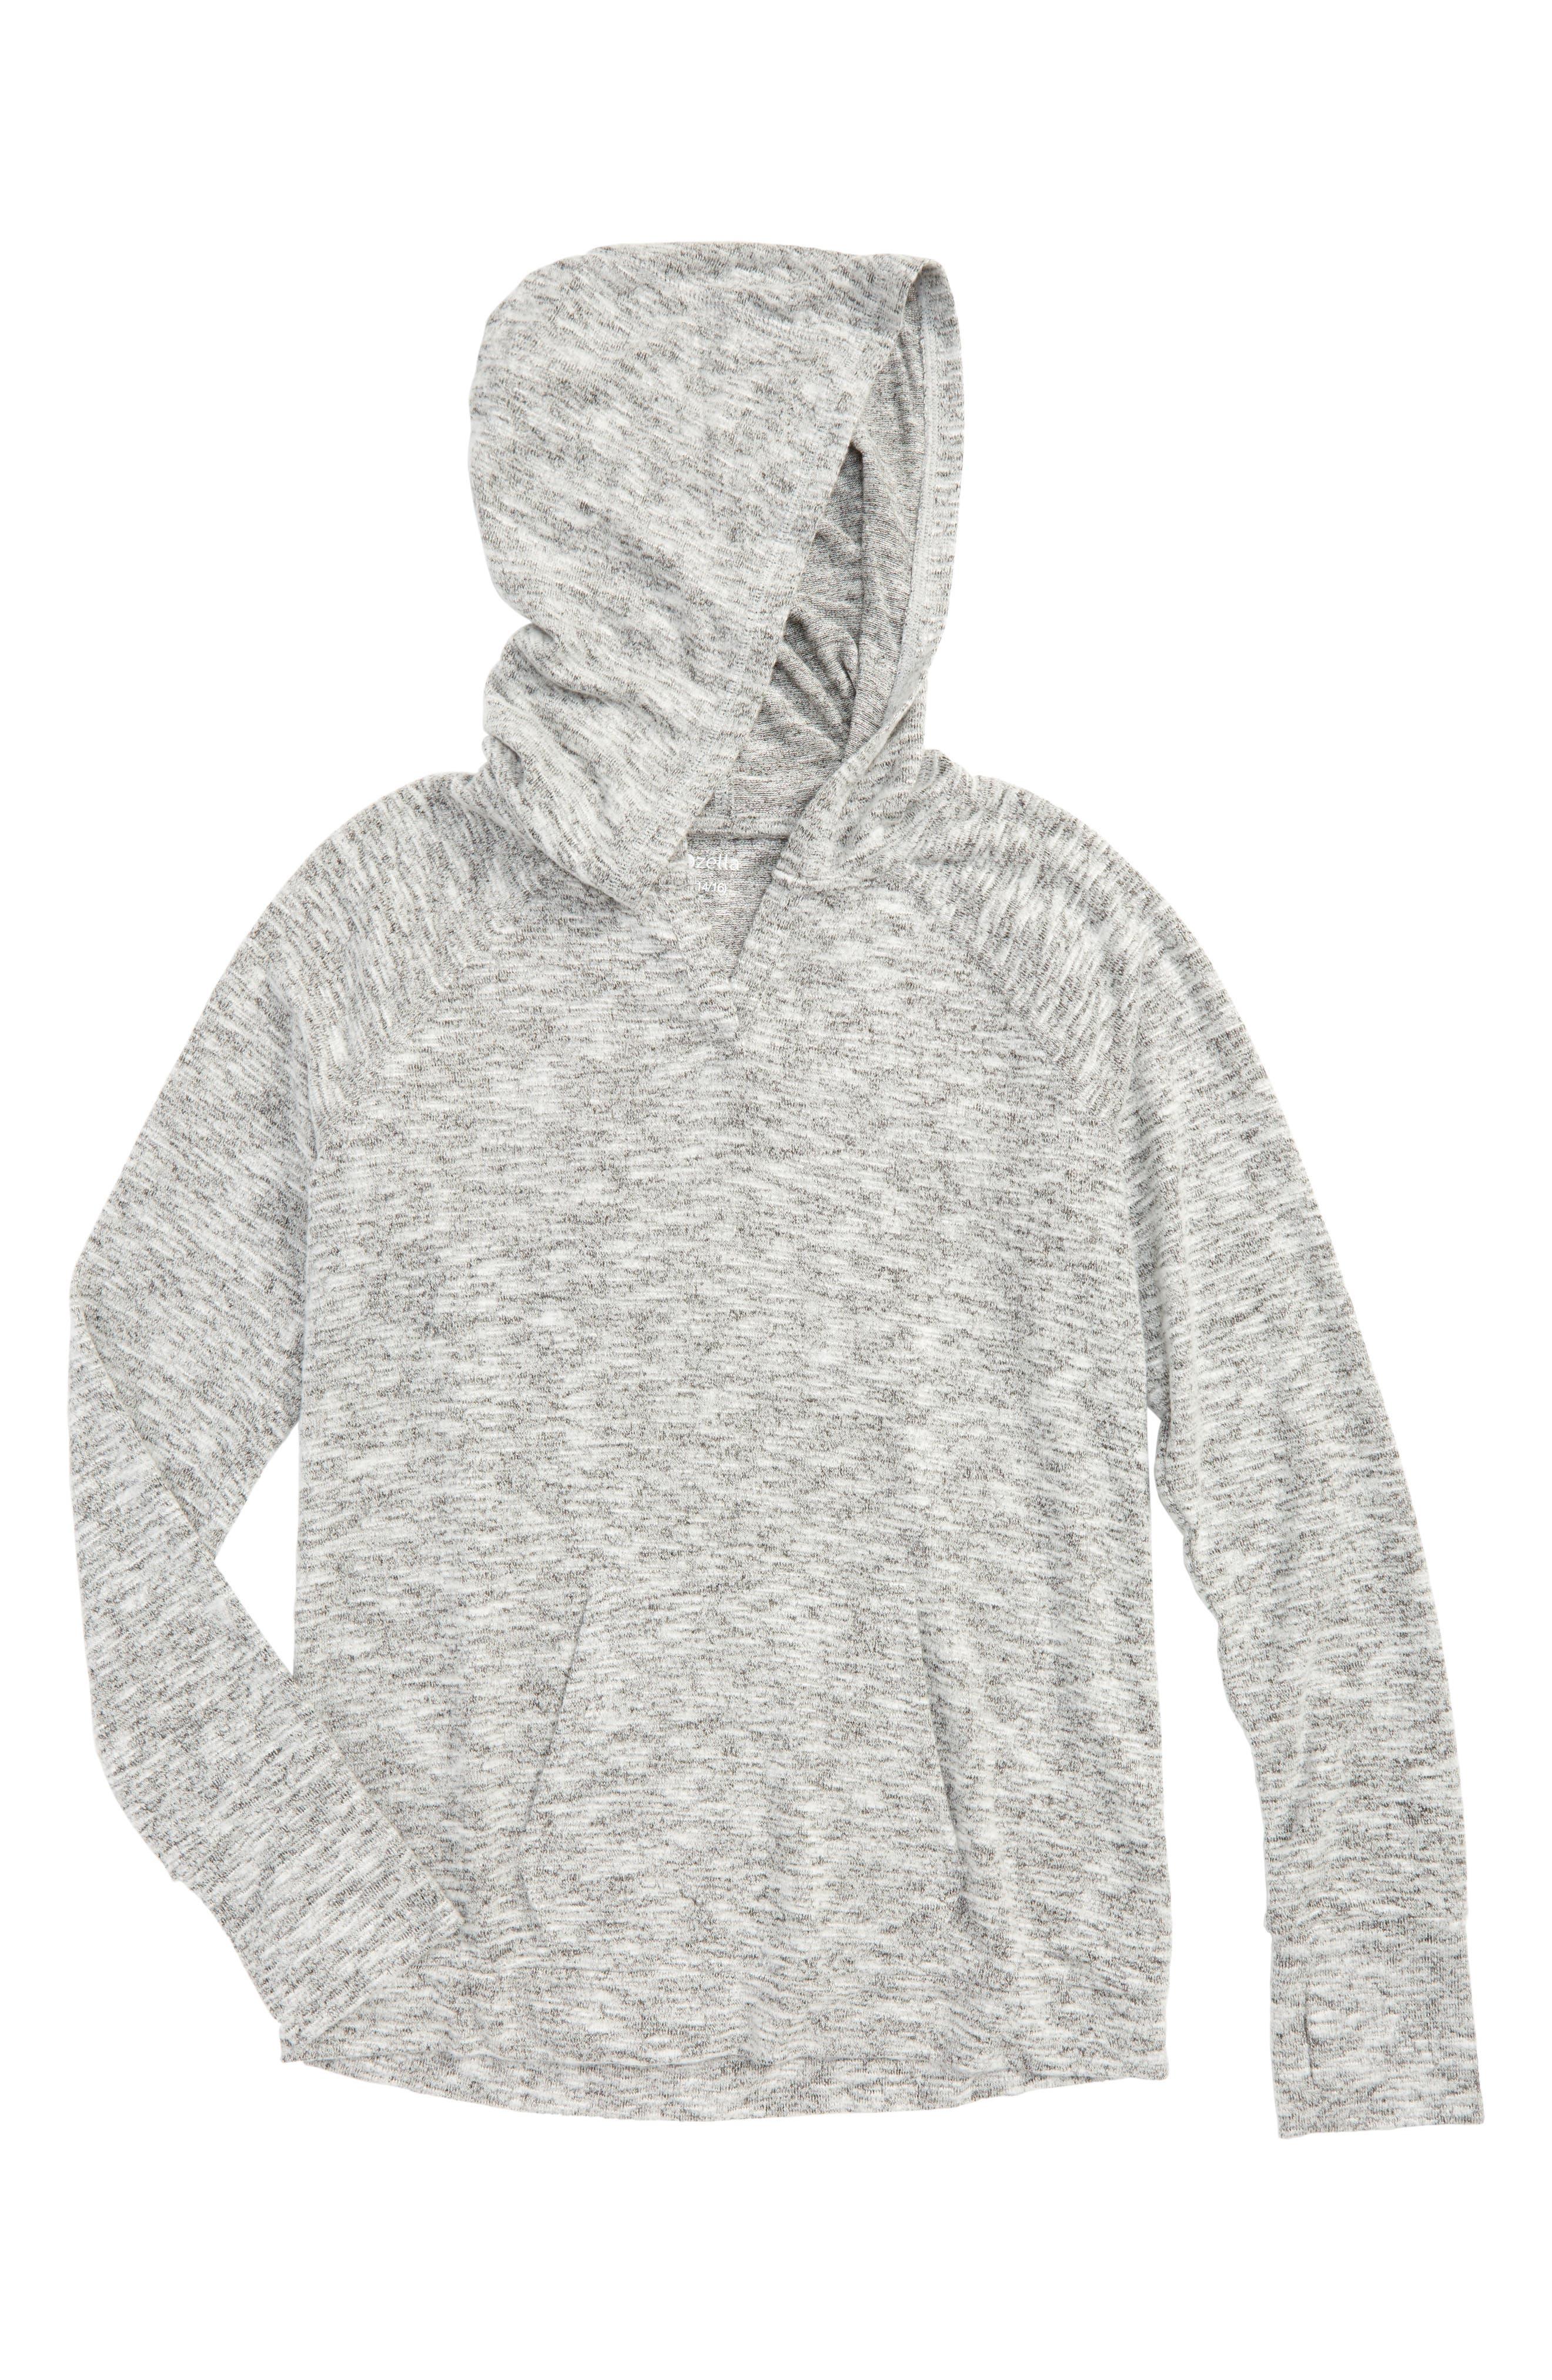 Vinyasa Cutout Hooded Pullover,                             Main thumbnail 1, color,                             001